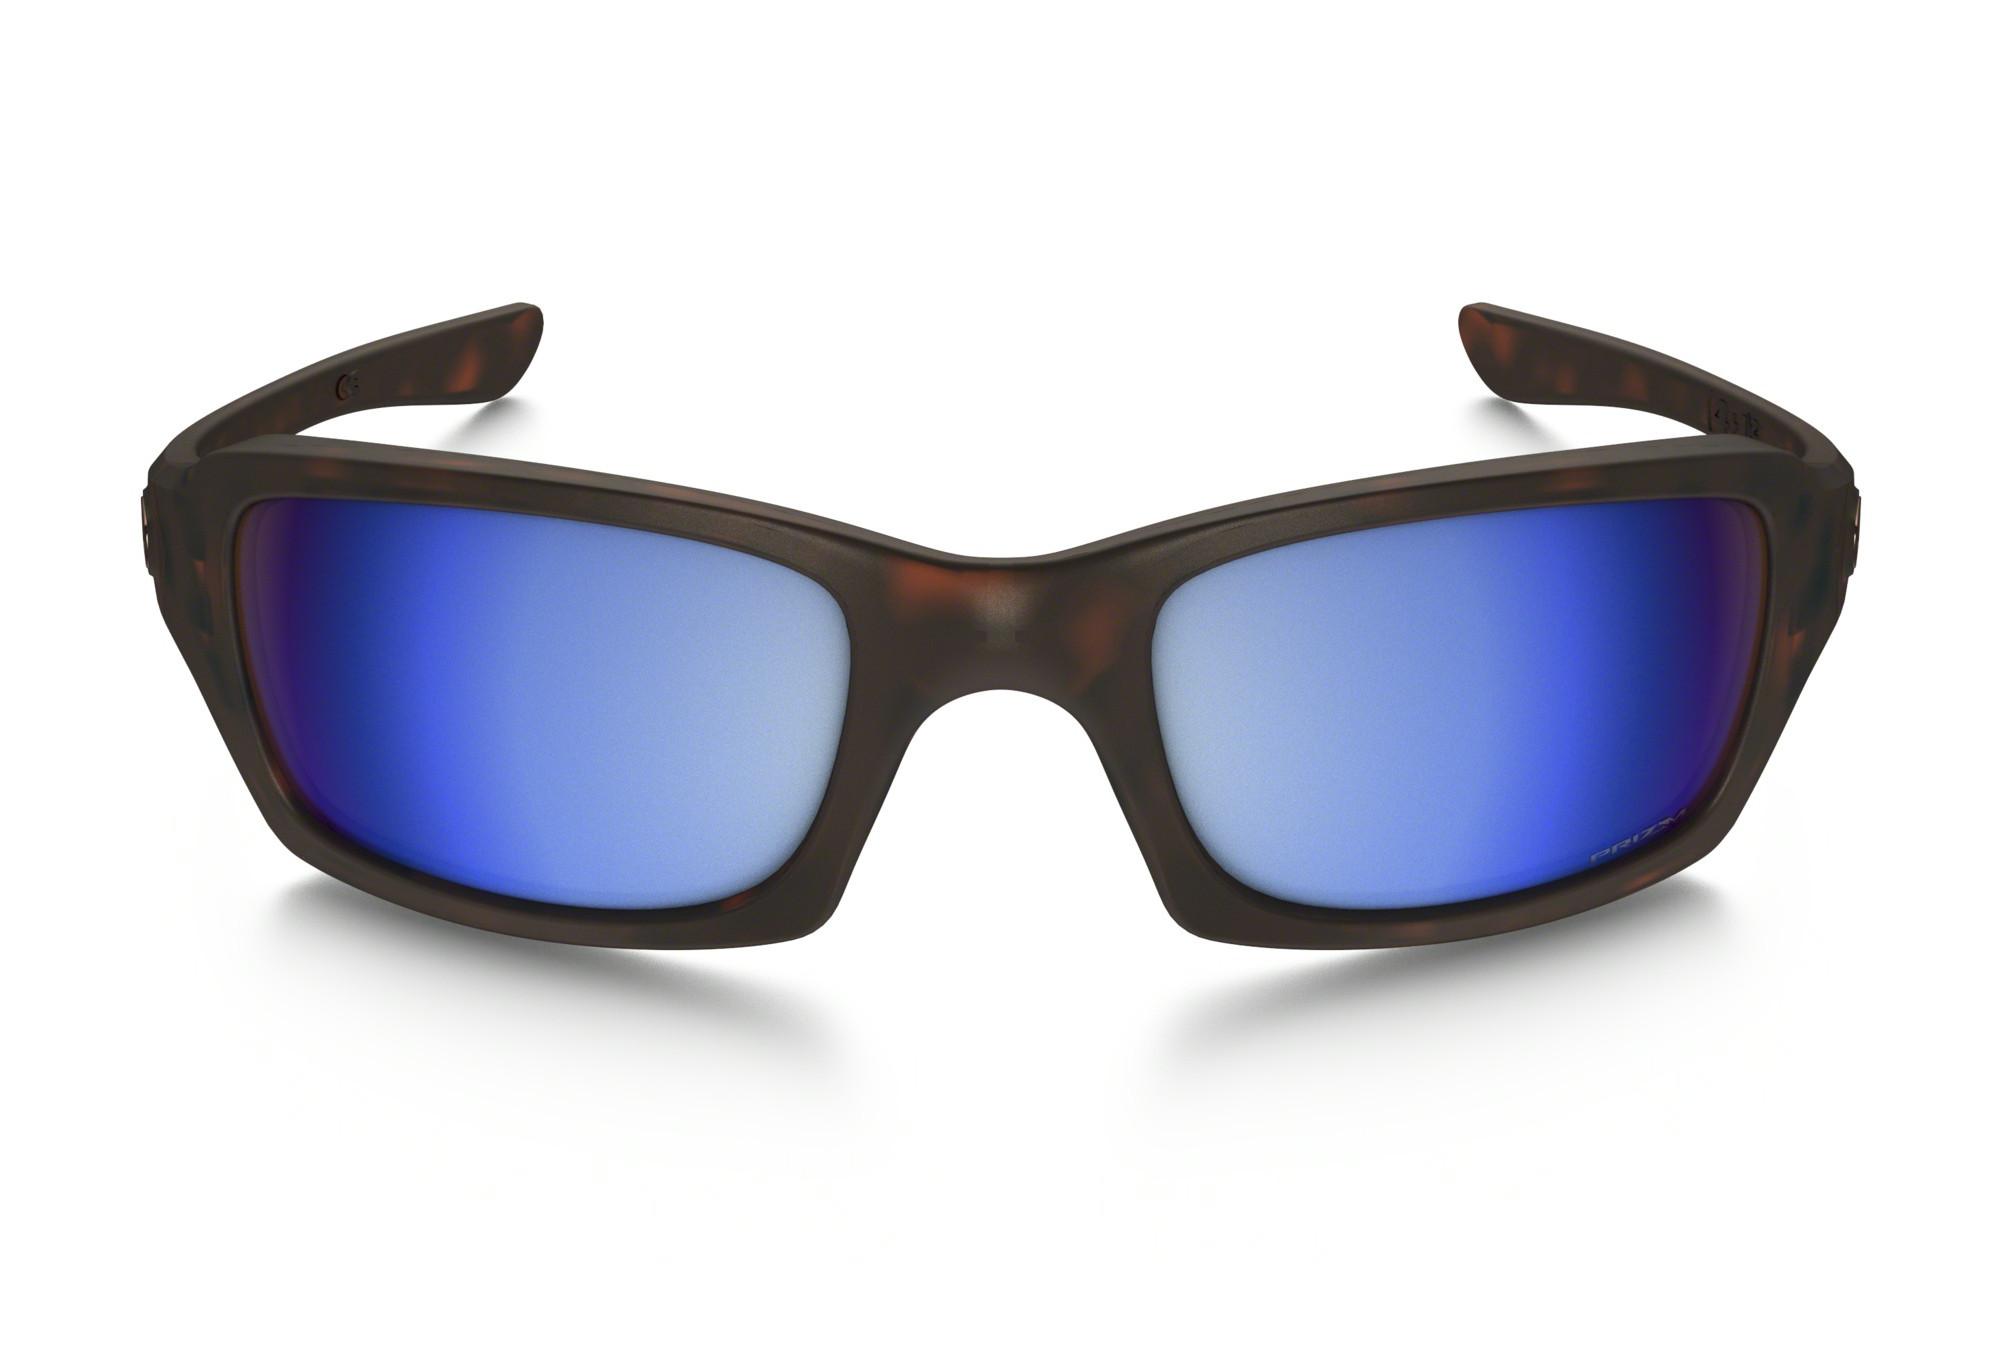 36aff7e87e6ab OAKLEY FIVES SQUARED Sunglasses Brown - Prizm H2O Polarized Ref OO9238-17